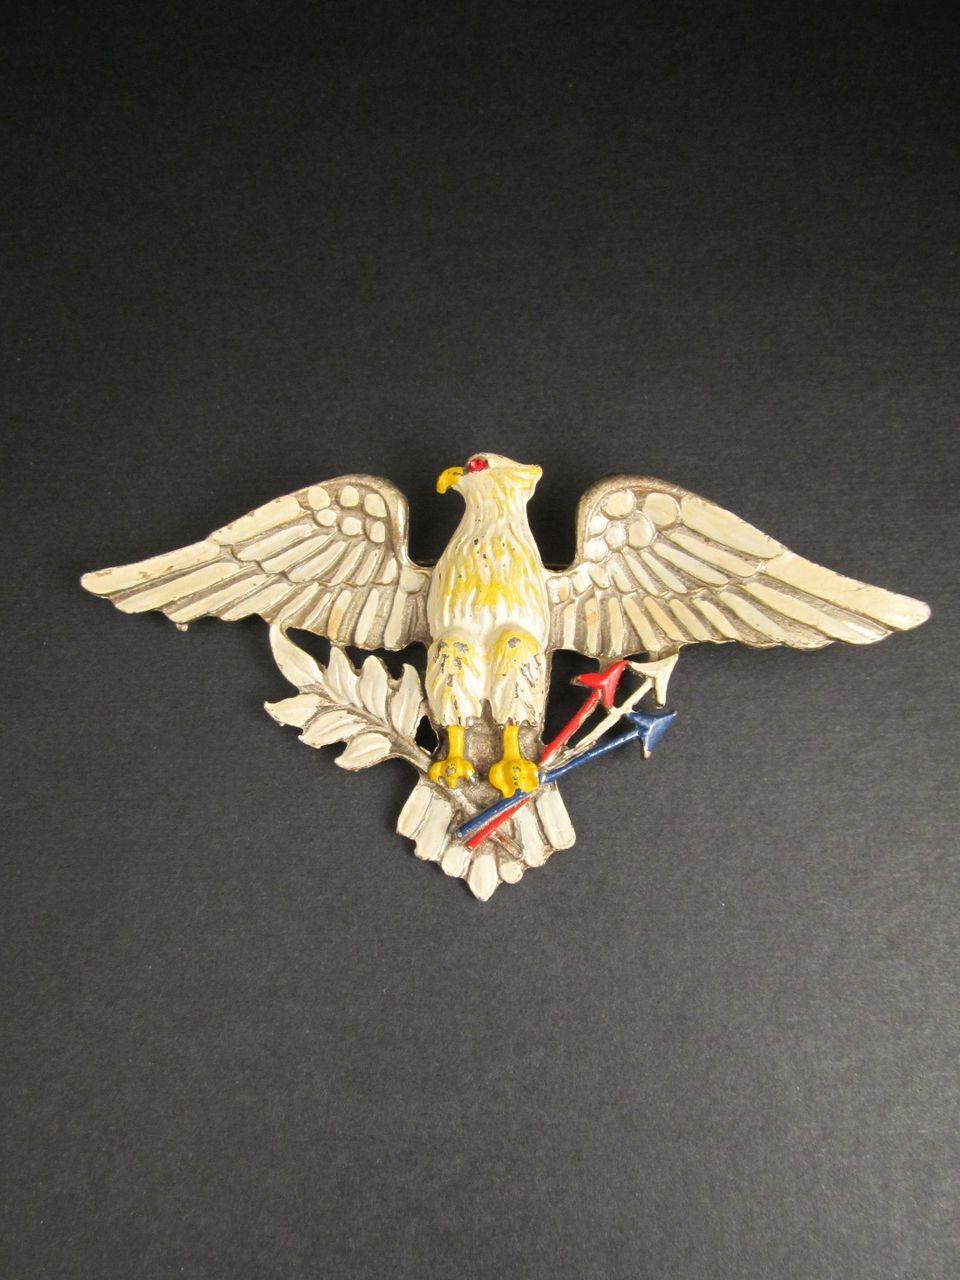 pin 1440x900 american eagle -#main